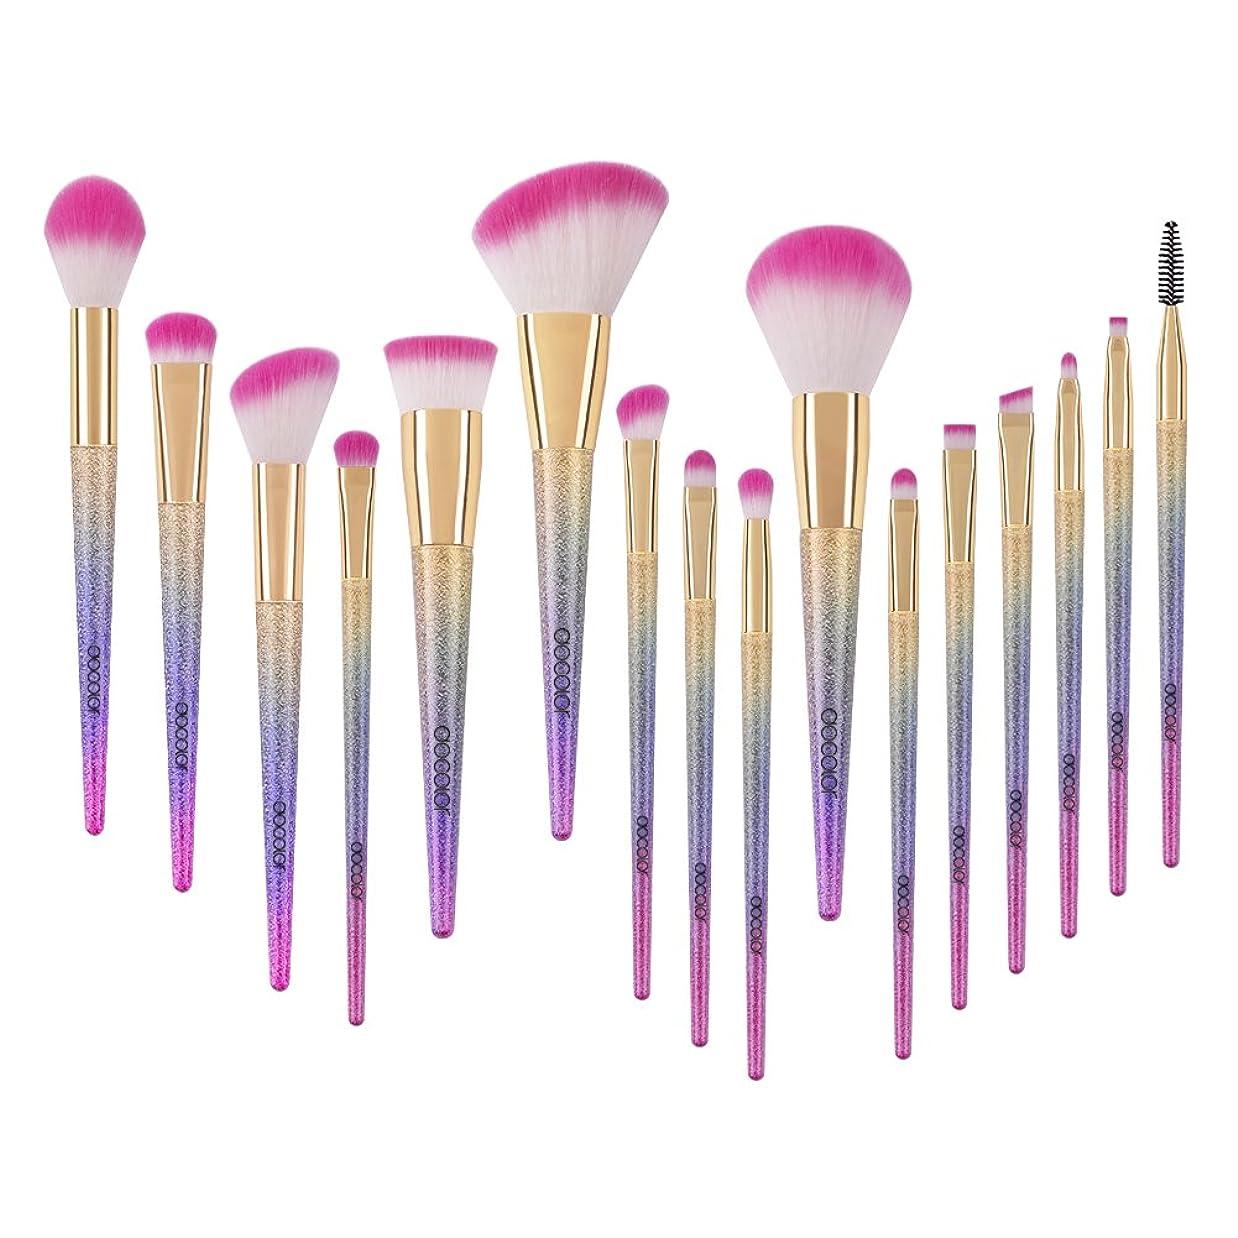 保守的参加者ブレースDocolor ドゥカラー 化粧筆 メイクブラシ 16本セット 欧米で大ブーム中のレインボーブラシ